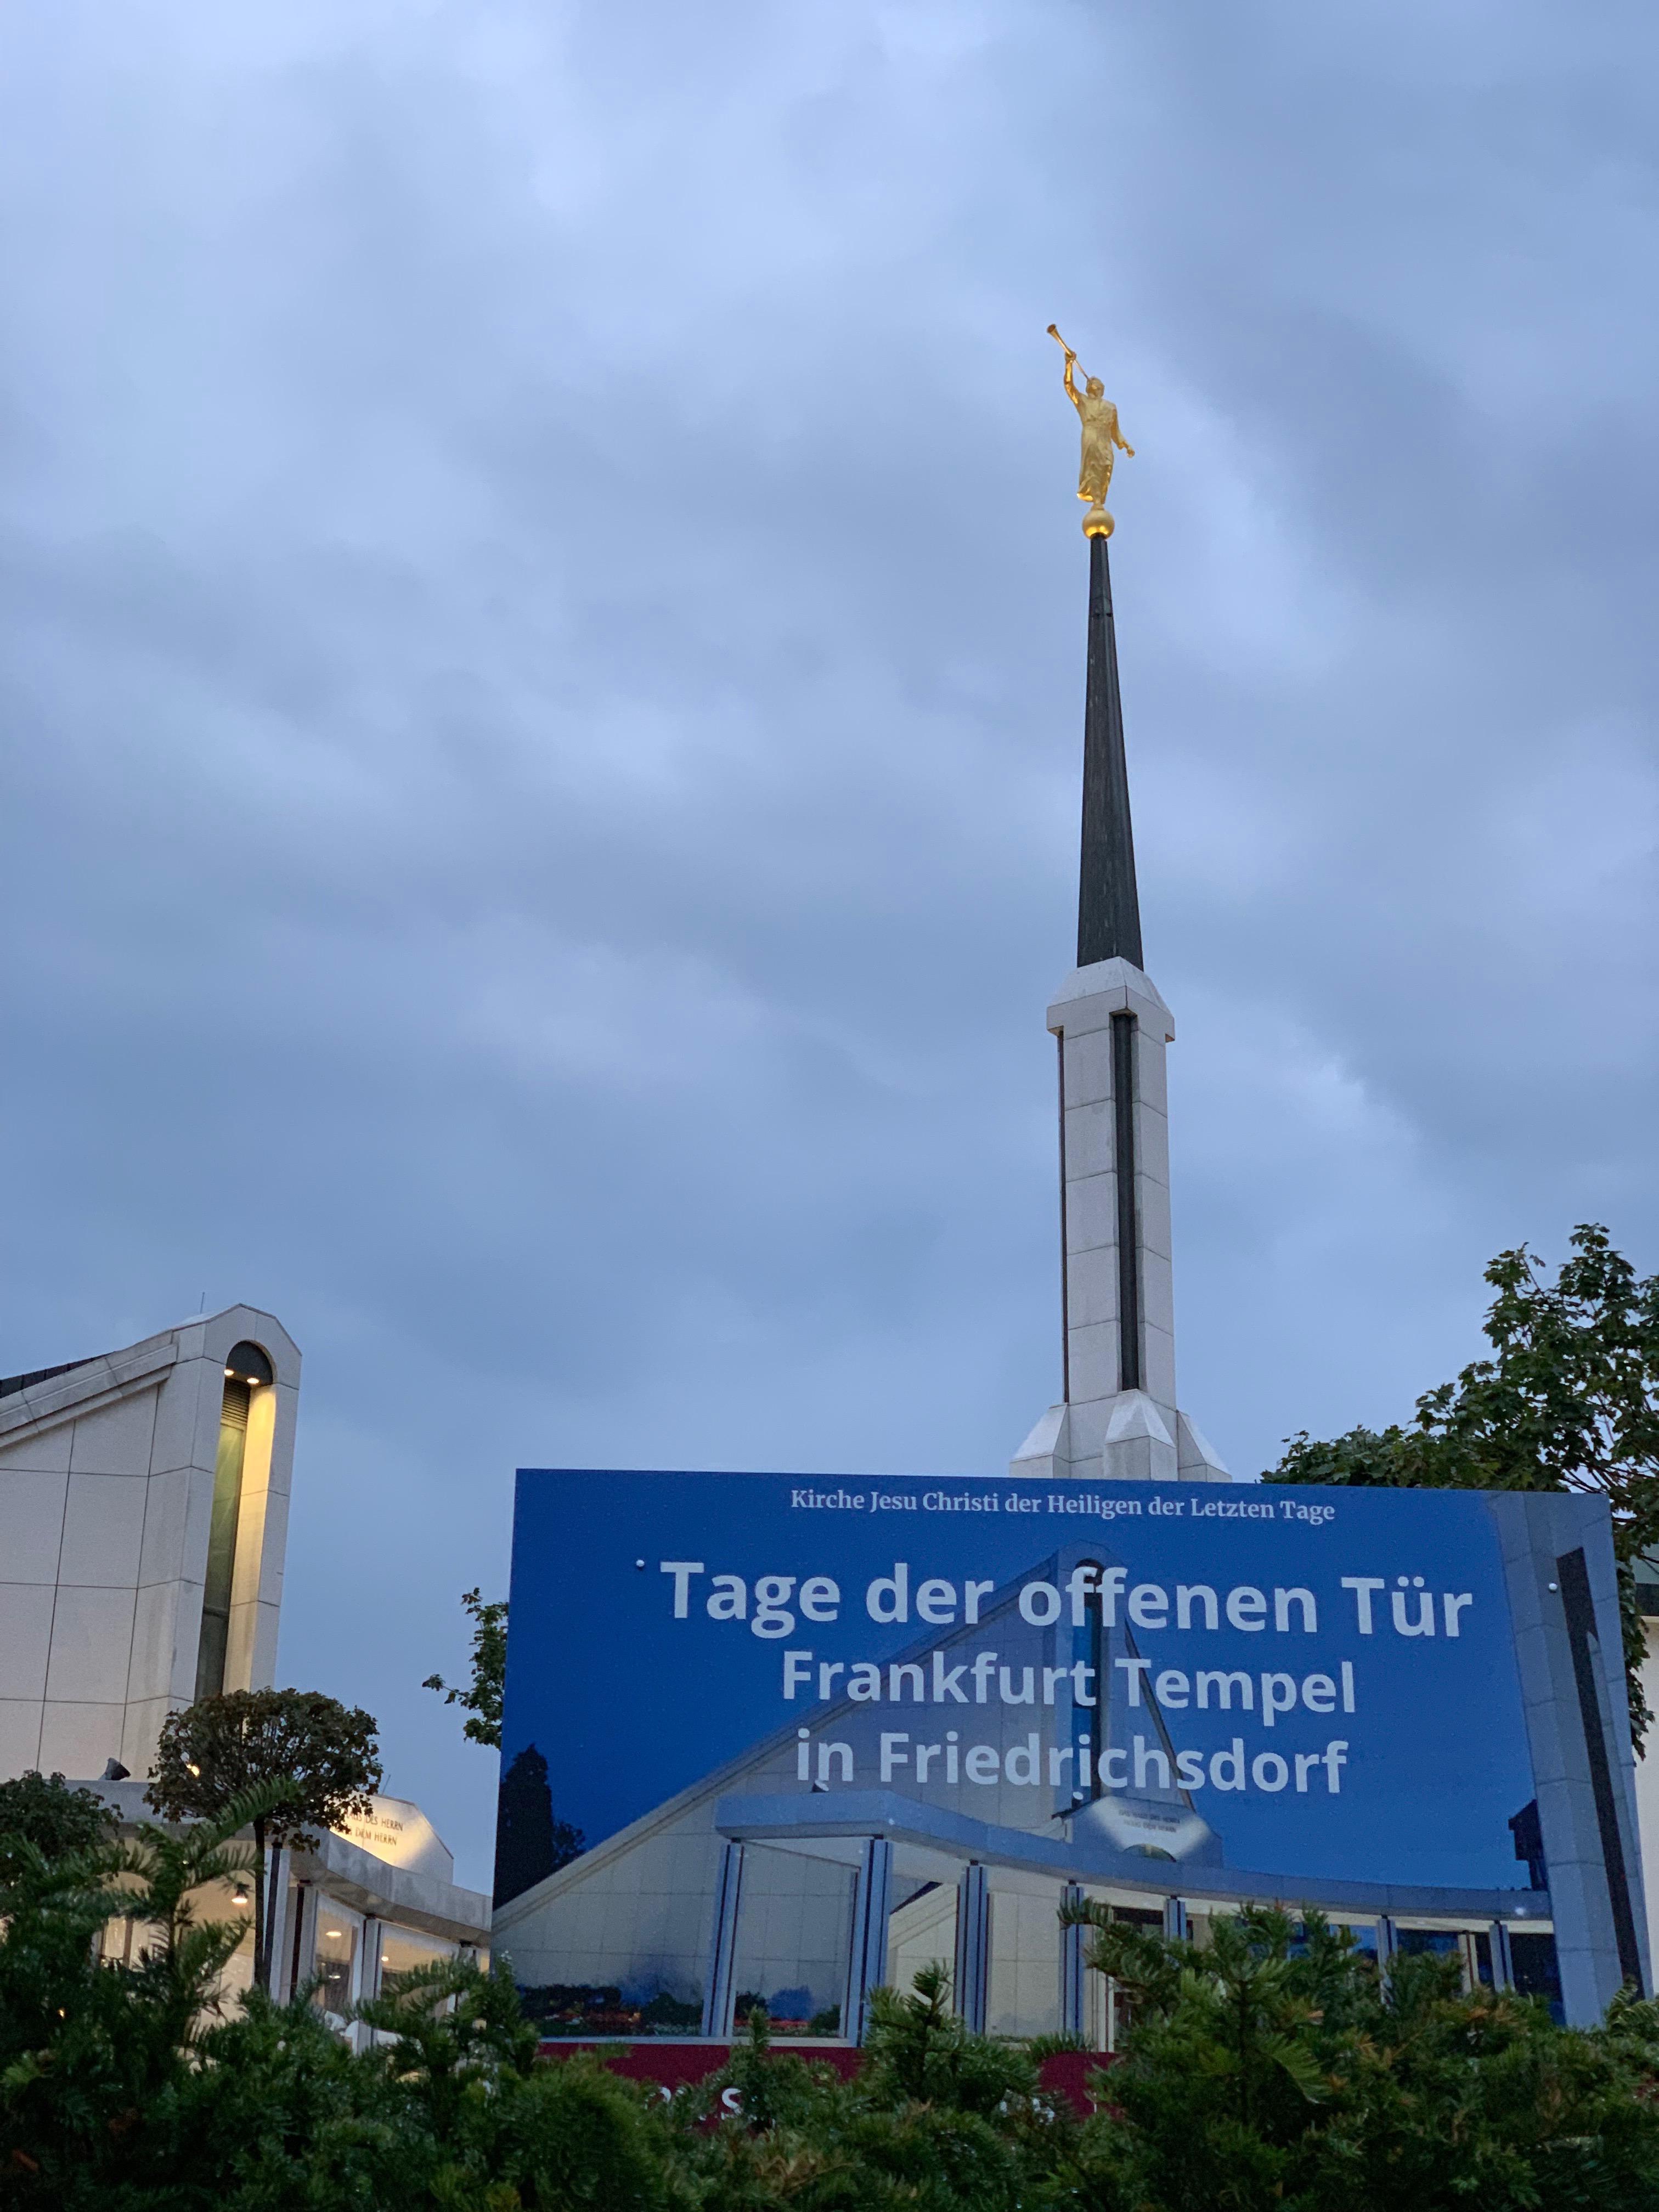 El frente del Templo de Frankfurt Alemania, fotografiado antes del comienzo de la casa abierta al público que se lleva a cabo desde el 13 al 28 de septiembre de 2019.